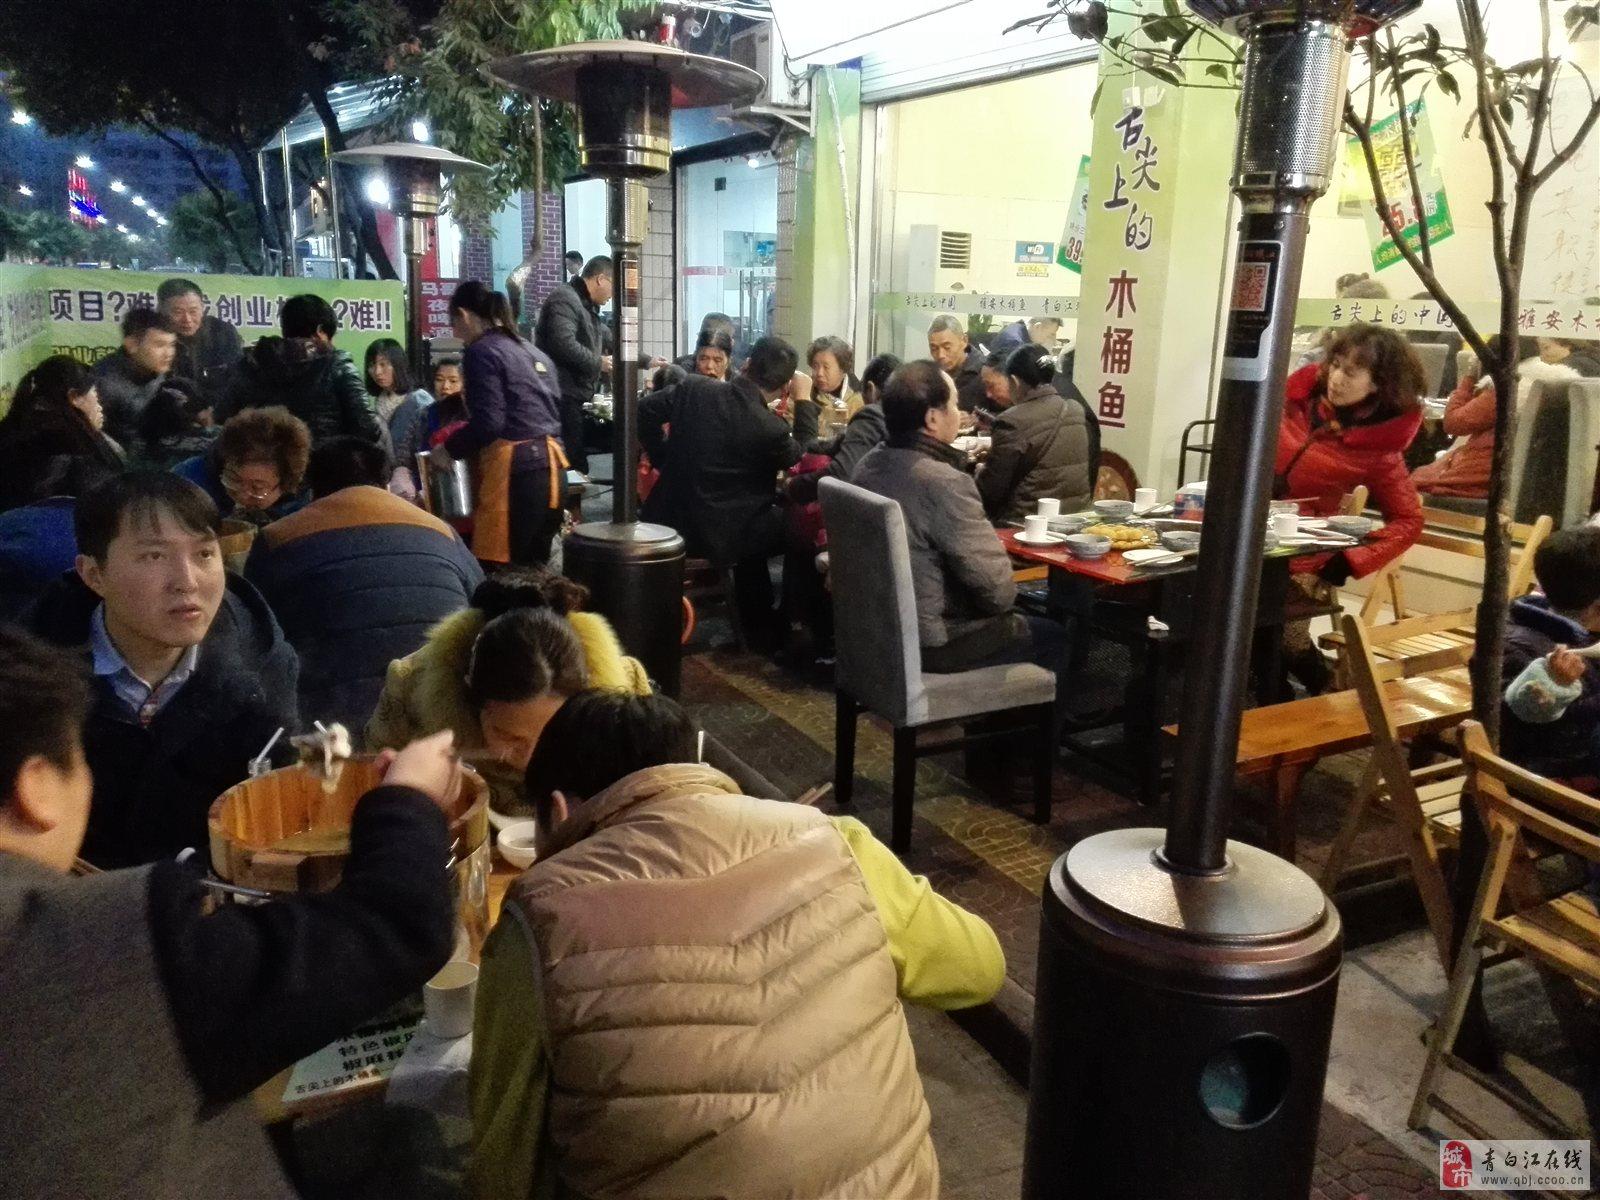 雅安张记(张勇)木桶鱼南充顺庆加盟店祝新老客户元旦